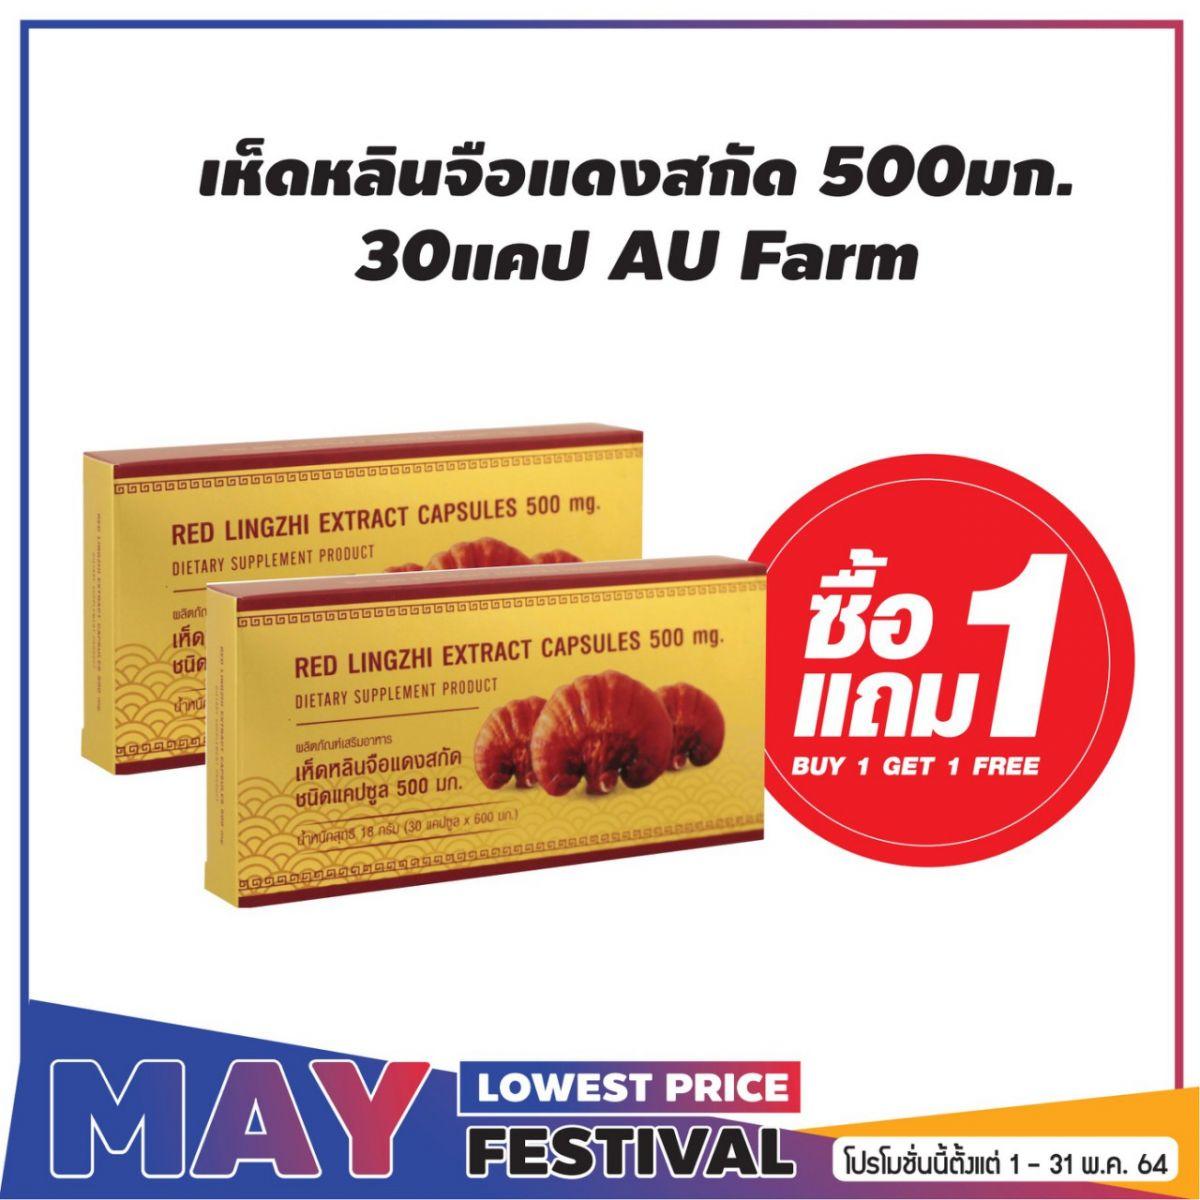 เห็ดหลินจือแดงสกัด 500มก. 30แคป AU Farm ซื้อ 1 แถม 1